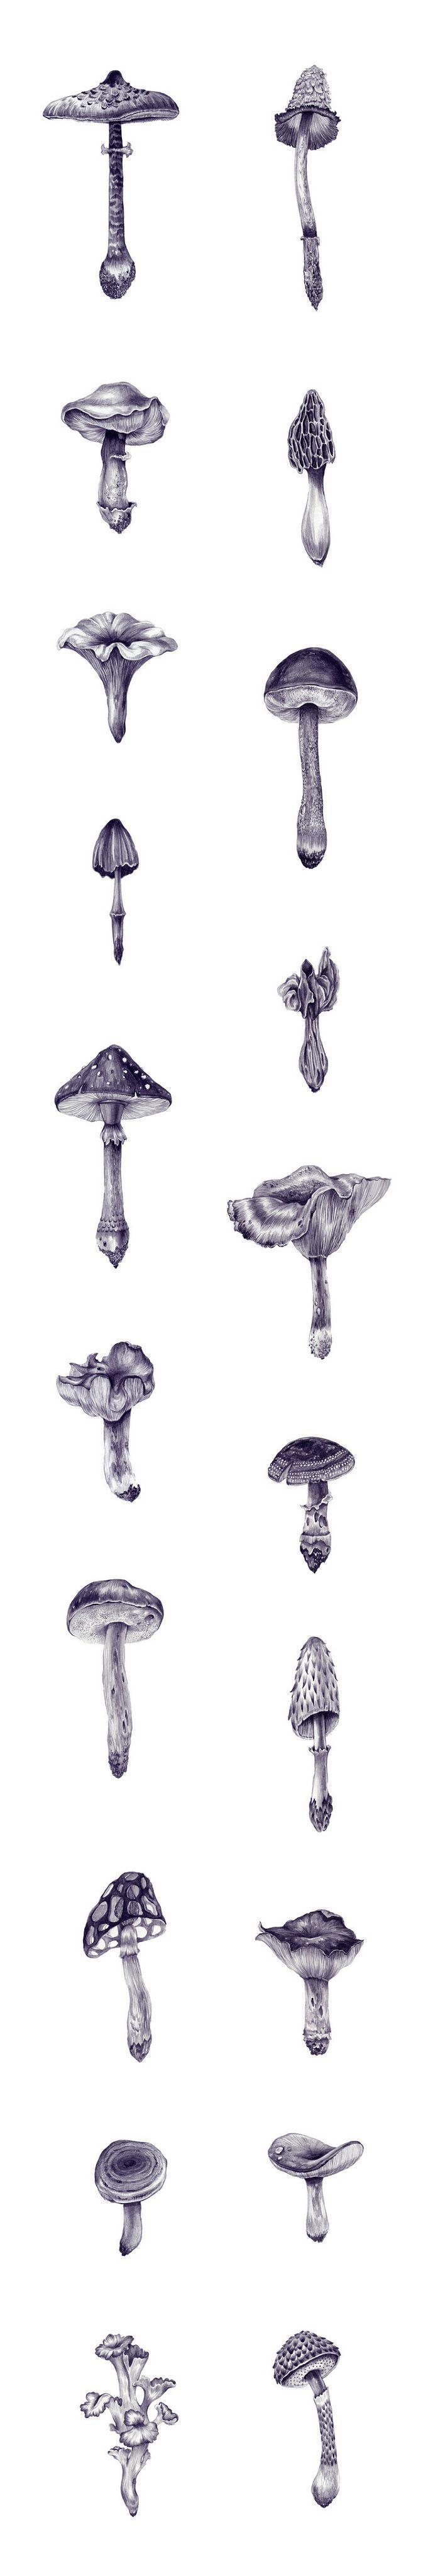 Mushroom explosion - Ei Ka